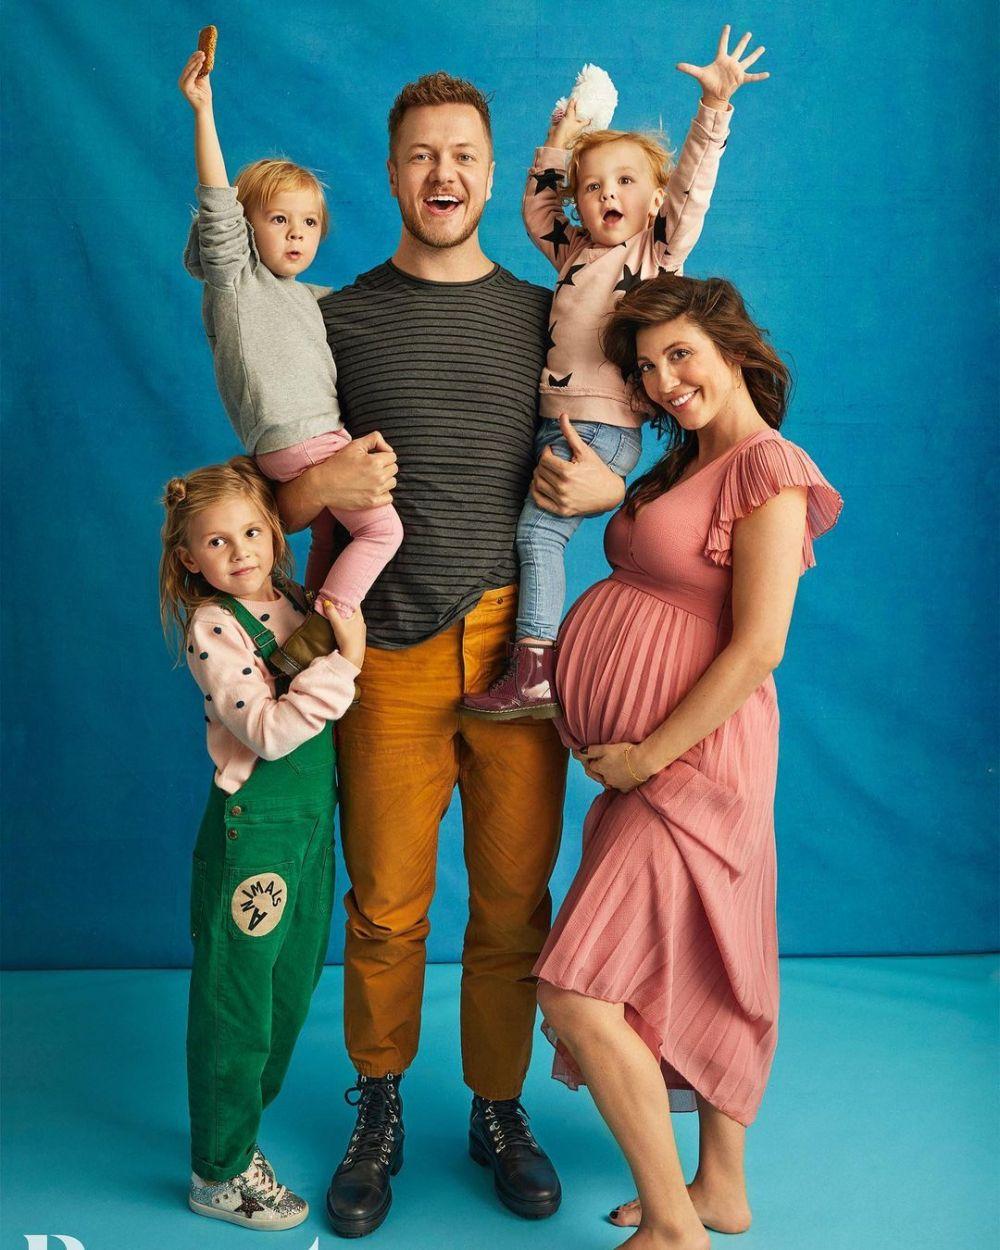 Ayah dan Suami Siaga, 9 Potret Hangat Dan Reynolds Bersama Keluarga